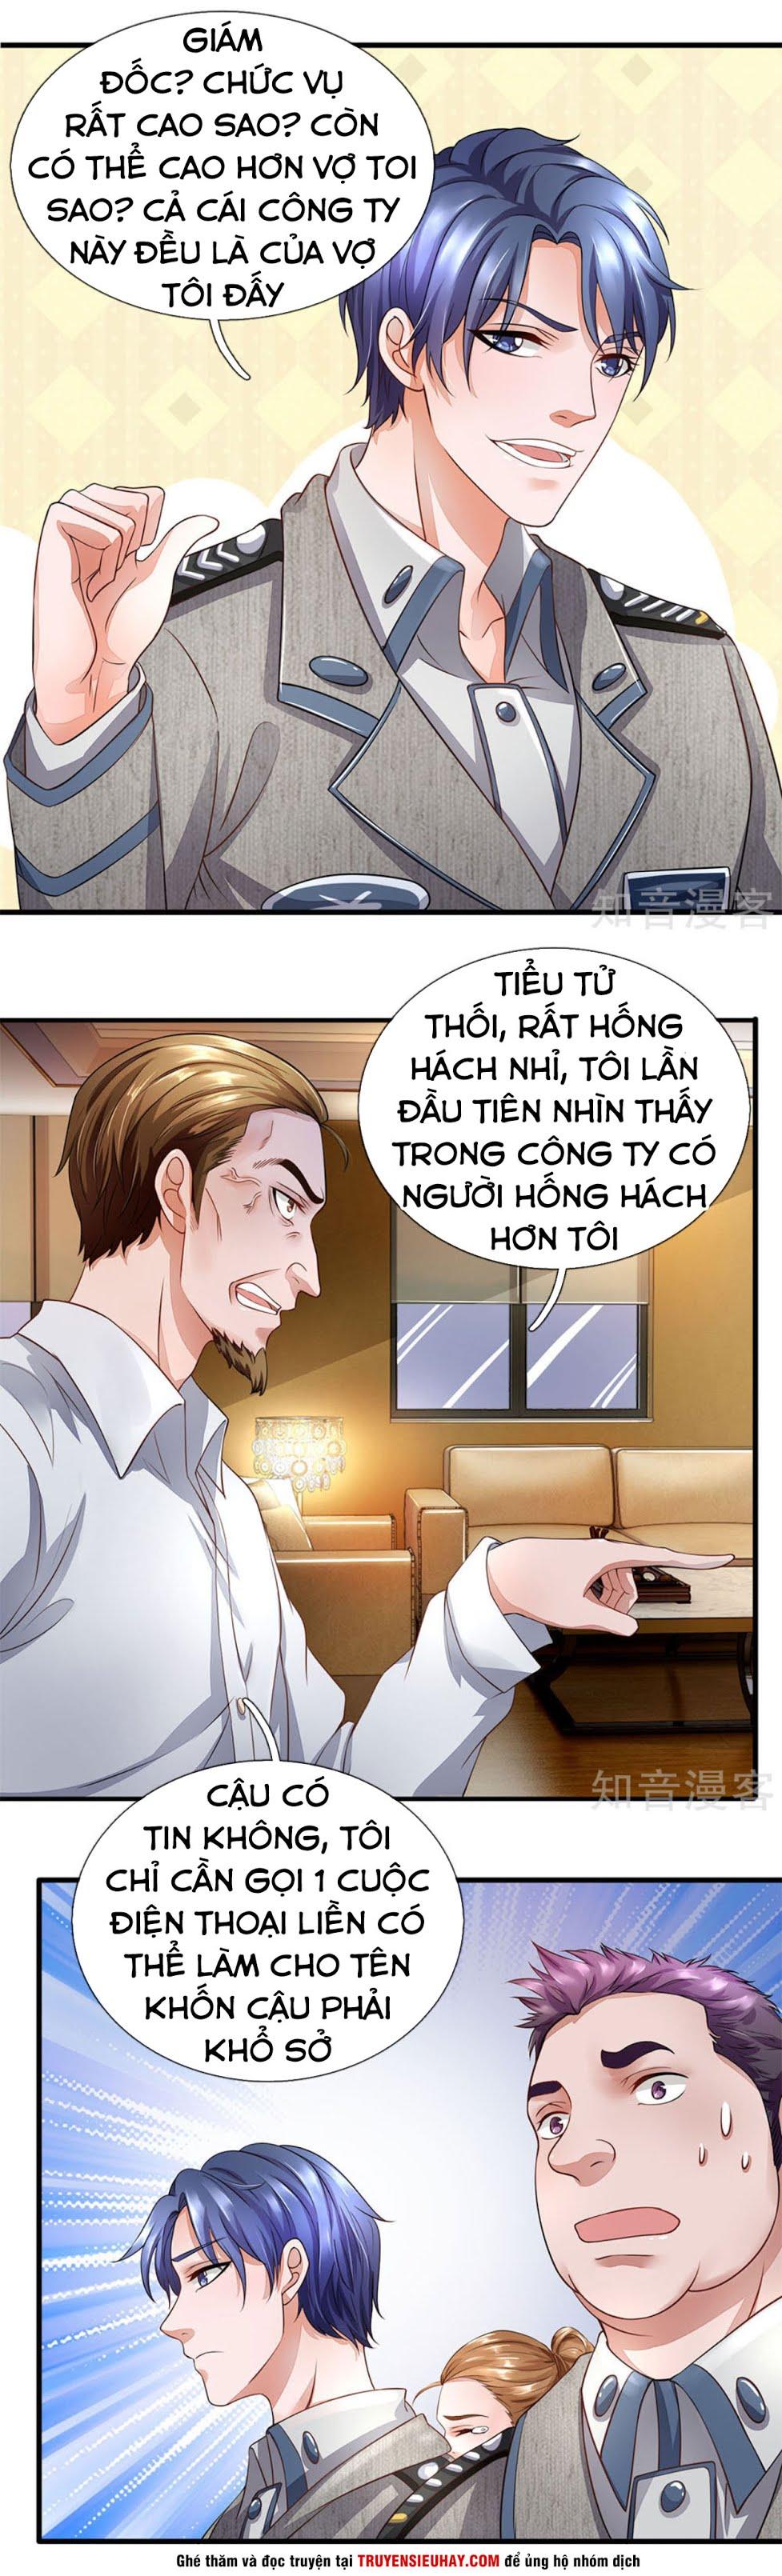 Chung Cực Binh Vương Tại Đô Thị Chapter 37 - Trang 4